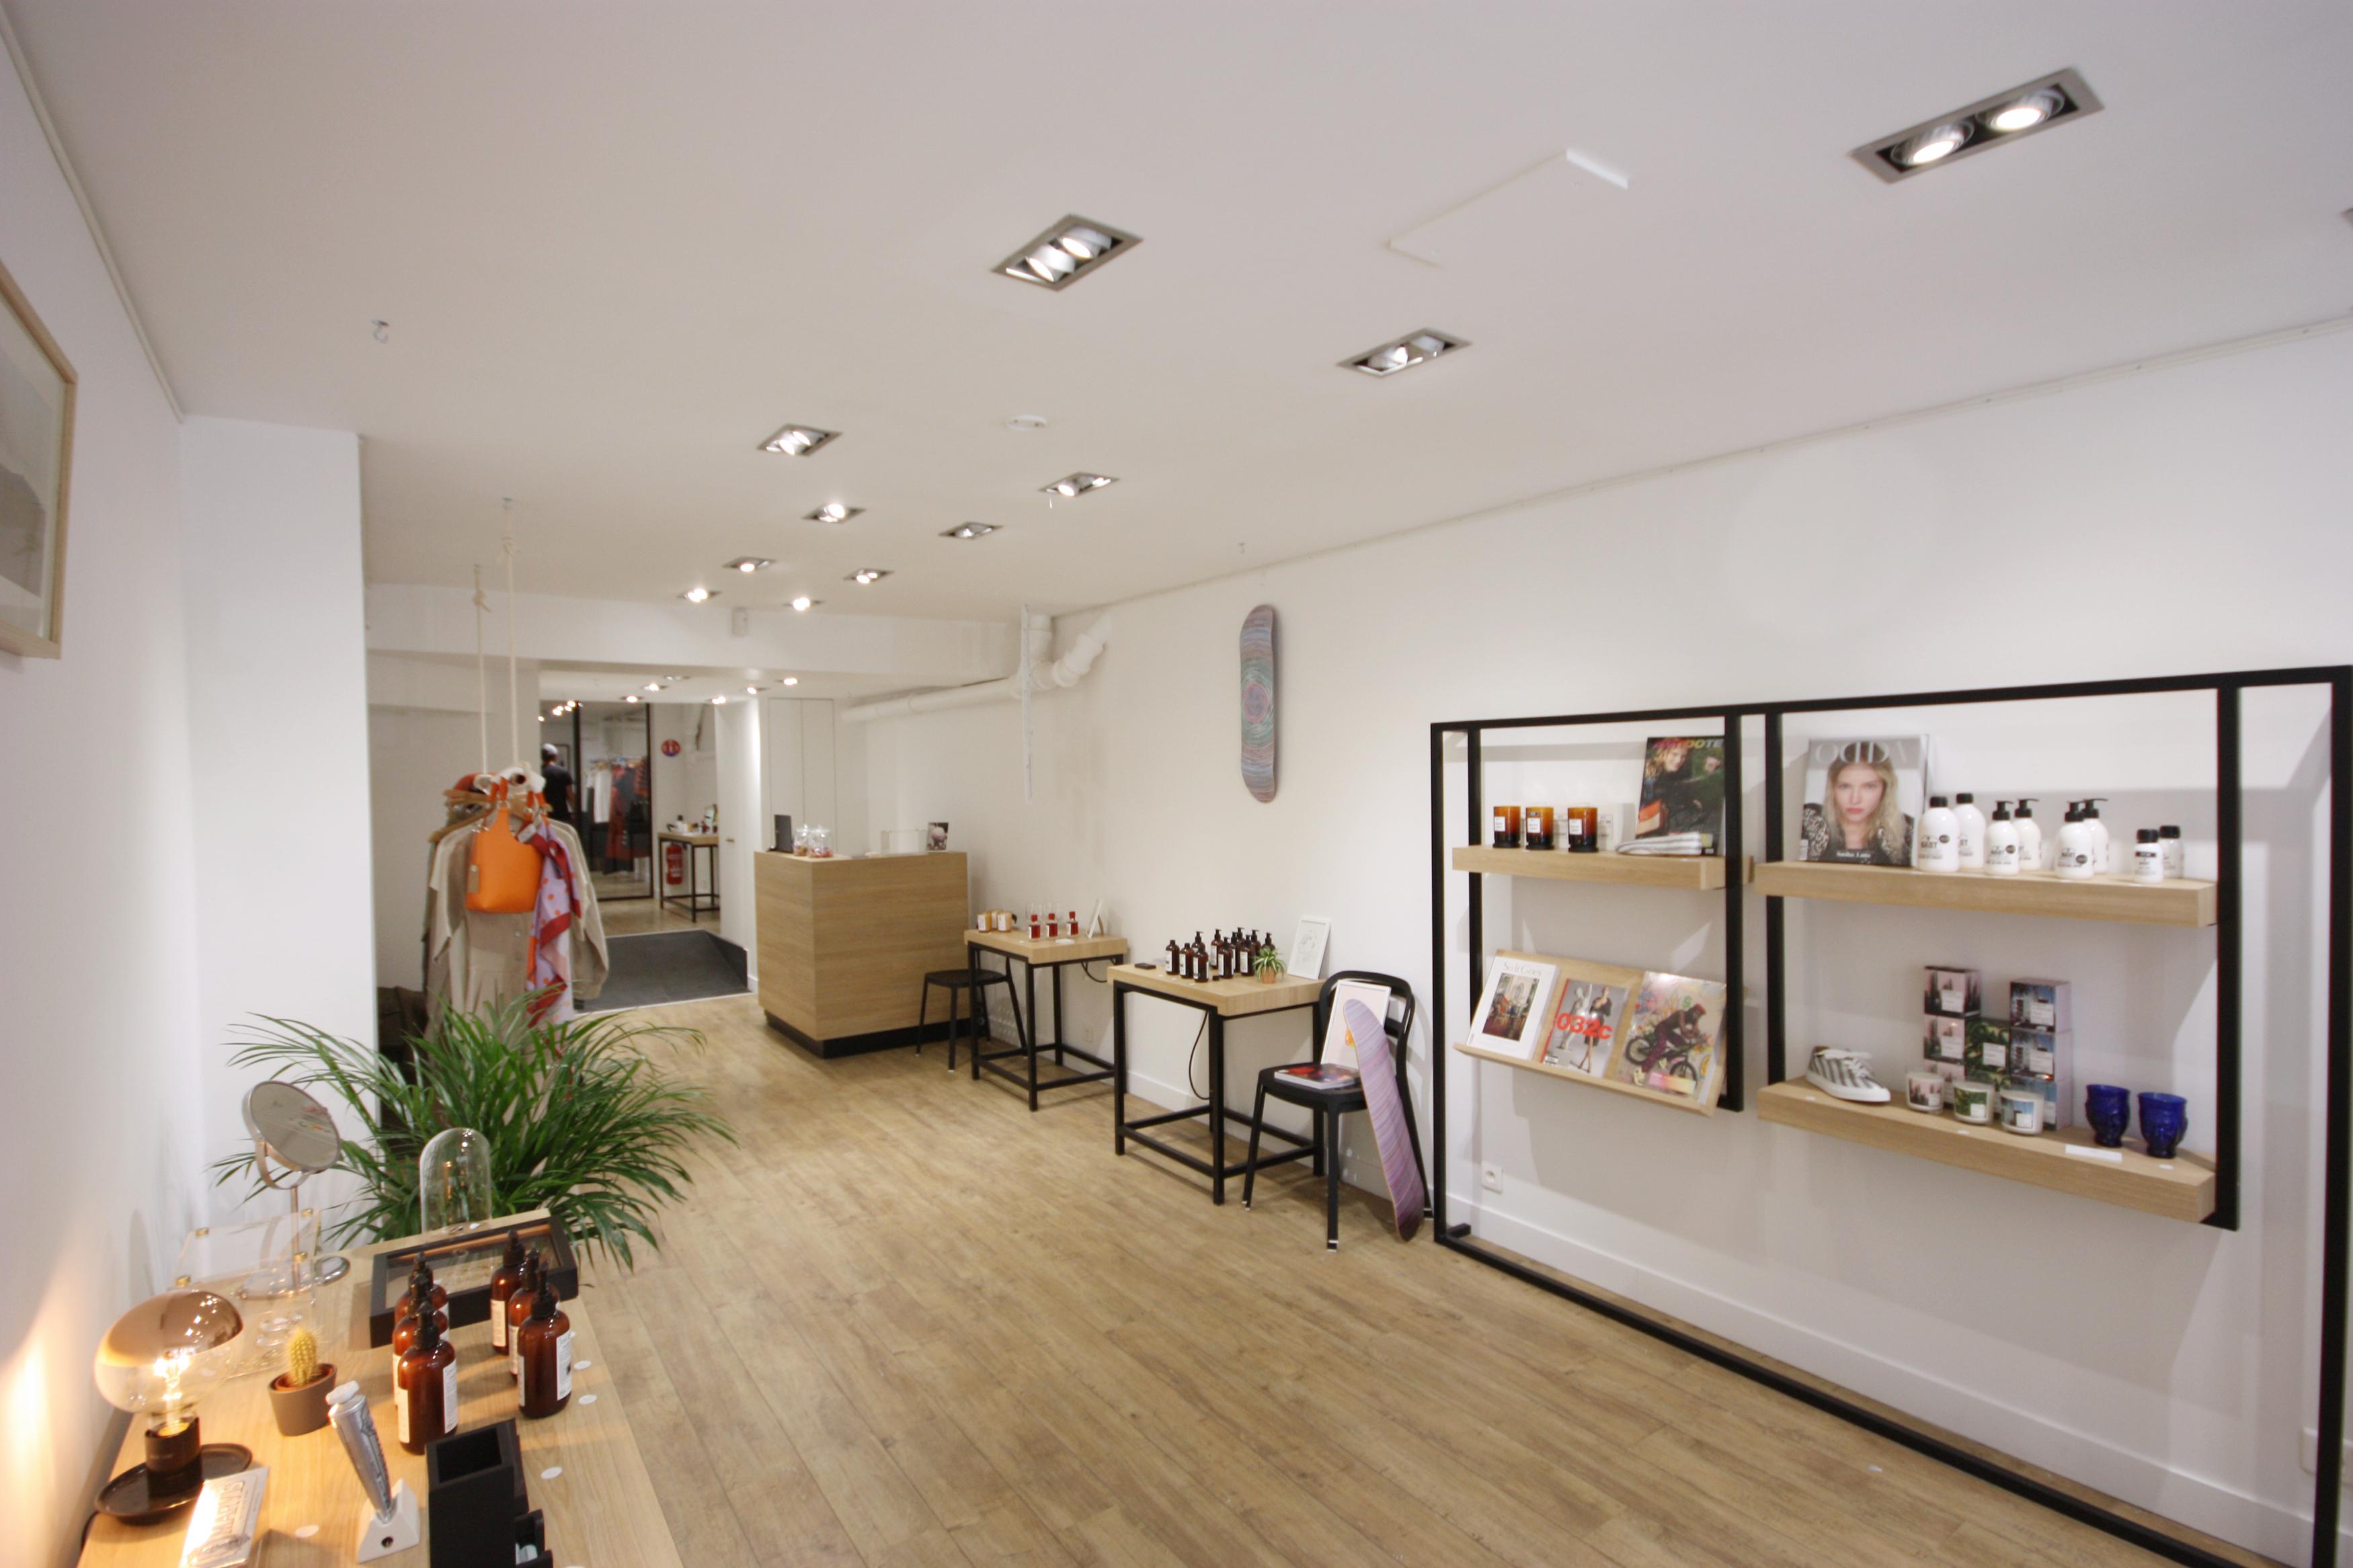 pop up store rental paris france space shop 2